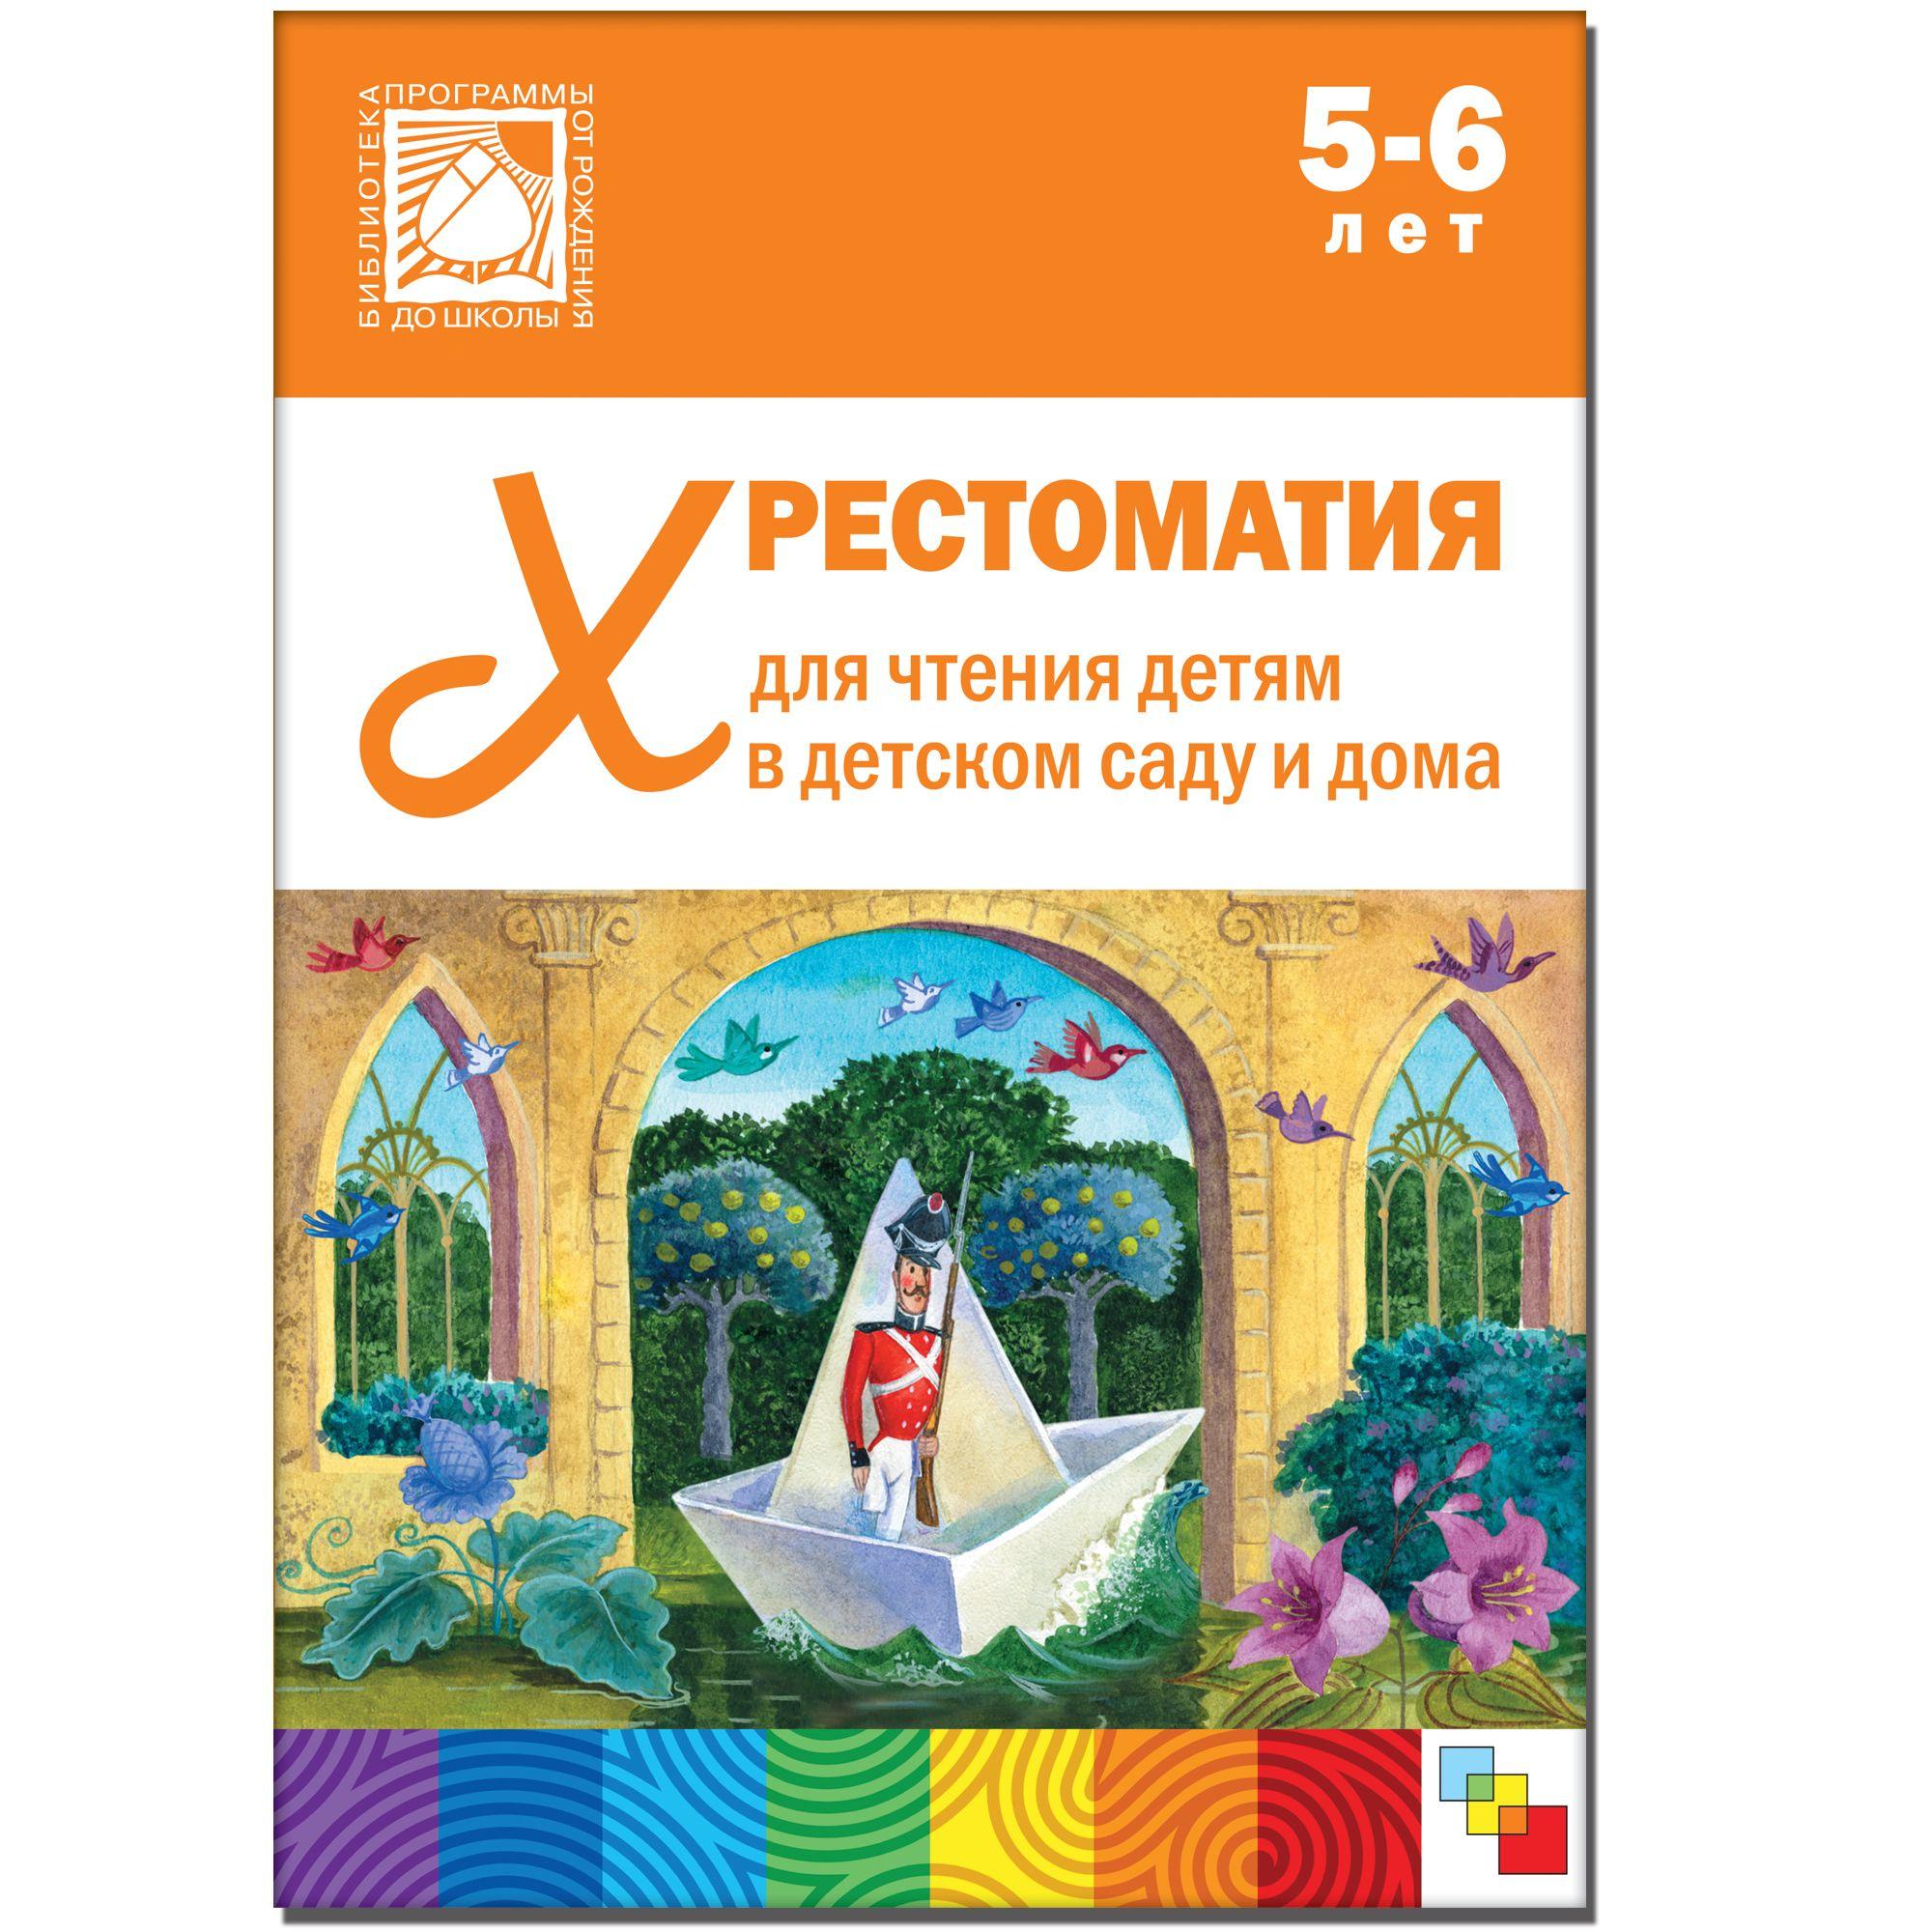 Хрестоматия для чтения детям в детском саду и дома. 5-6 лет ФГОС ДО